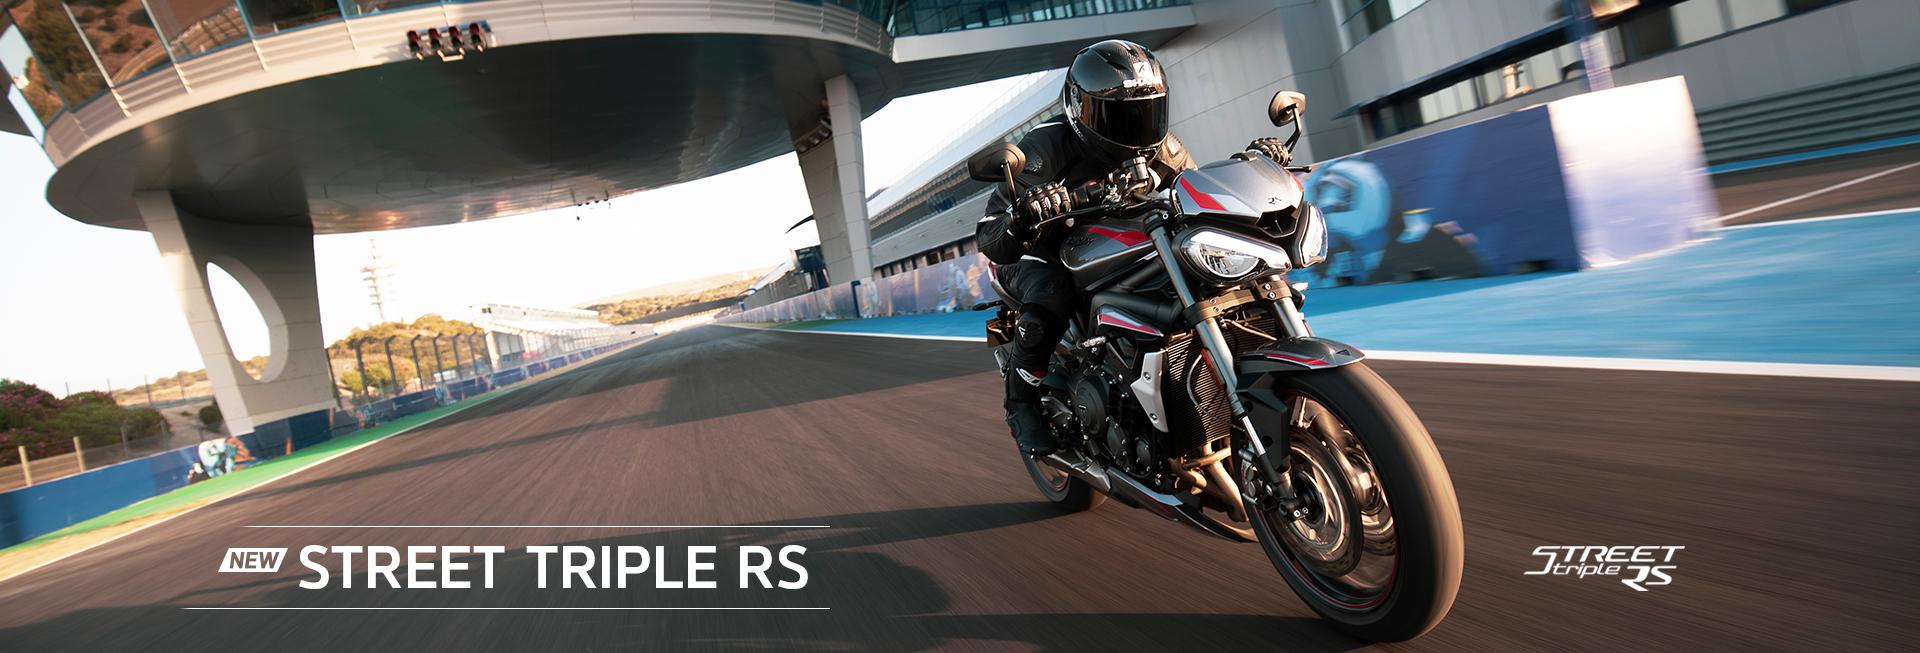 新型 Street Triple RS